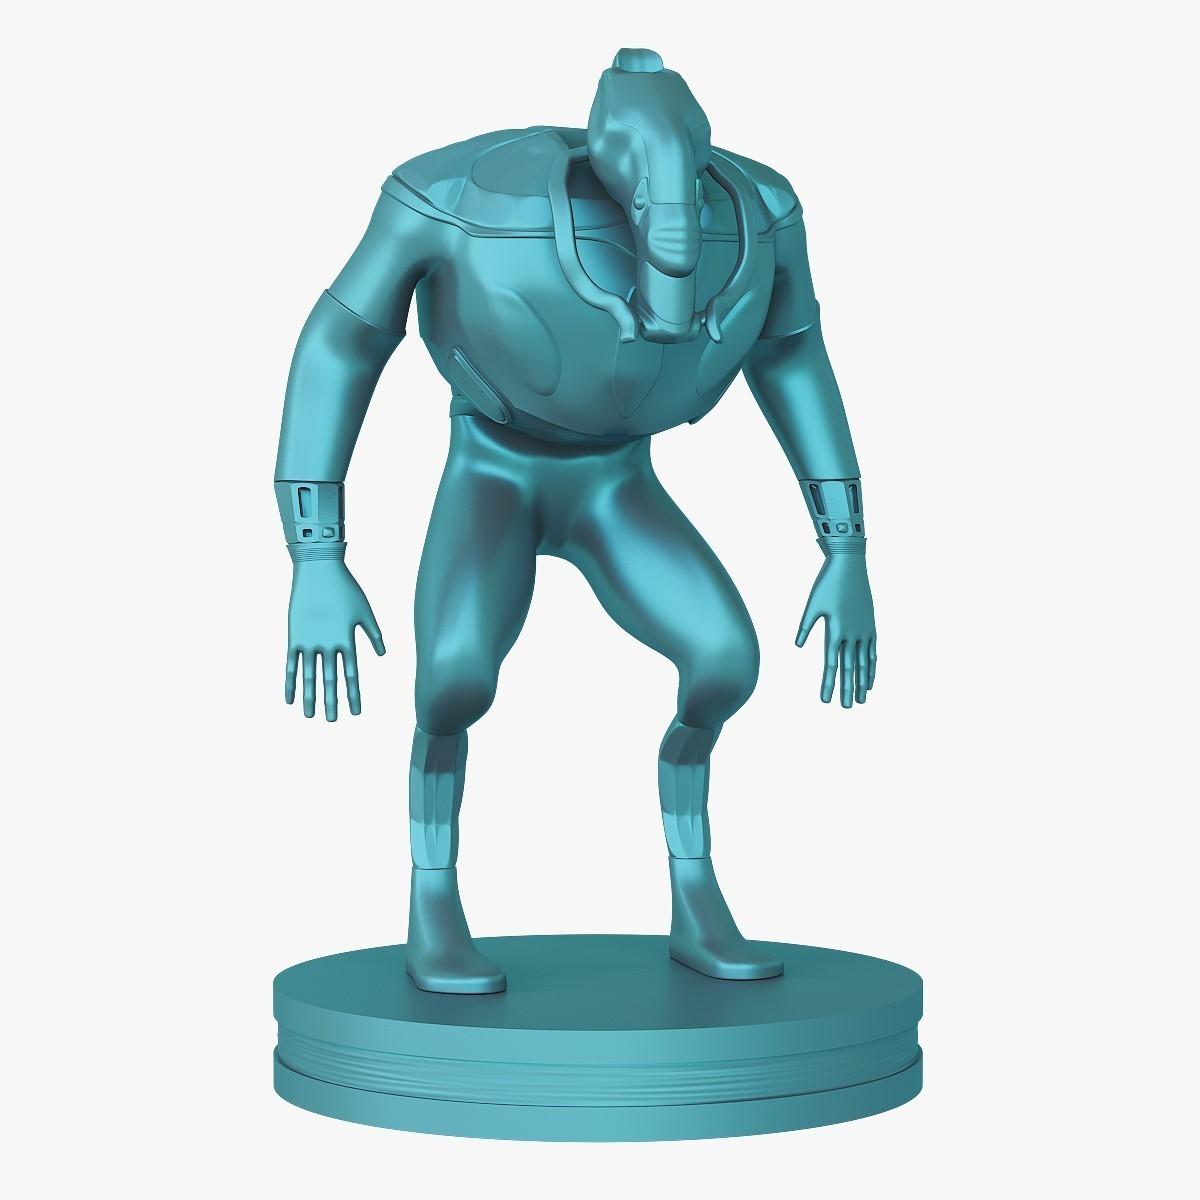 Mutant_jpg_01.jpg Download STL file Mutant miniature • Object to 3D print, VALIKSTUDIO